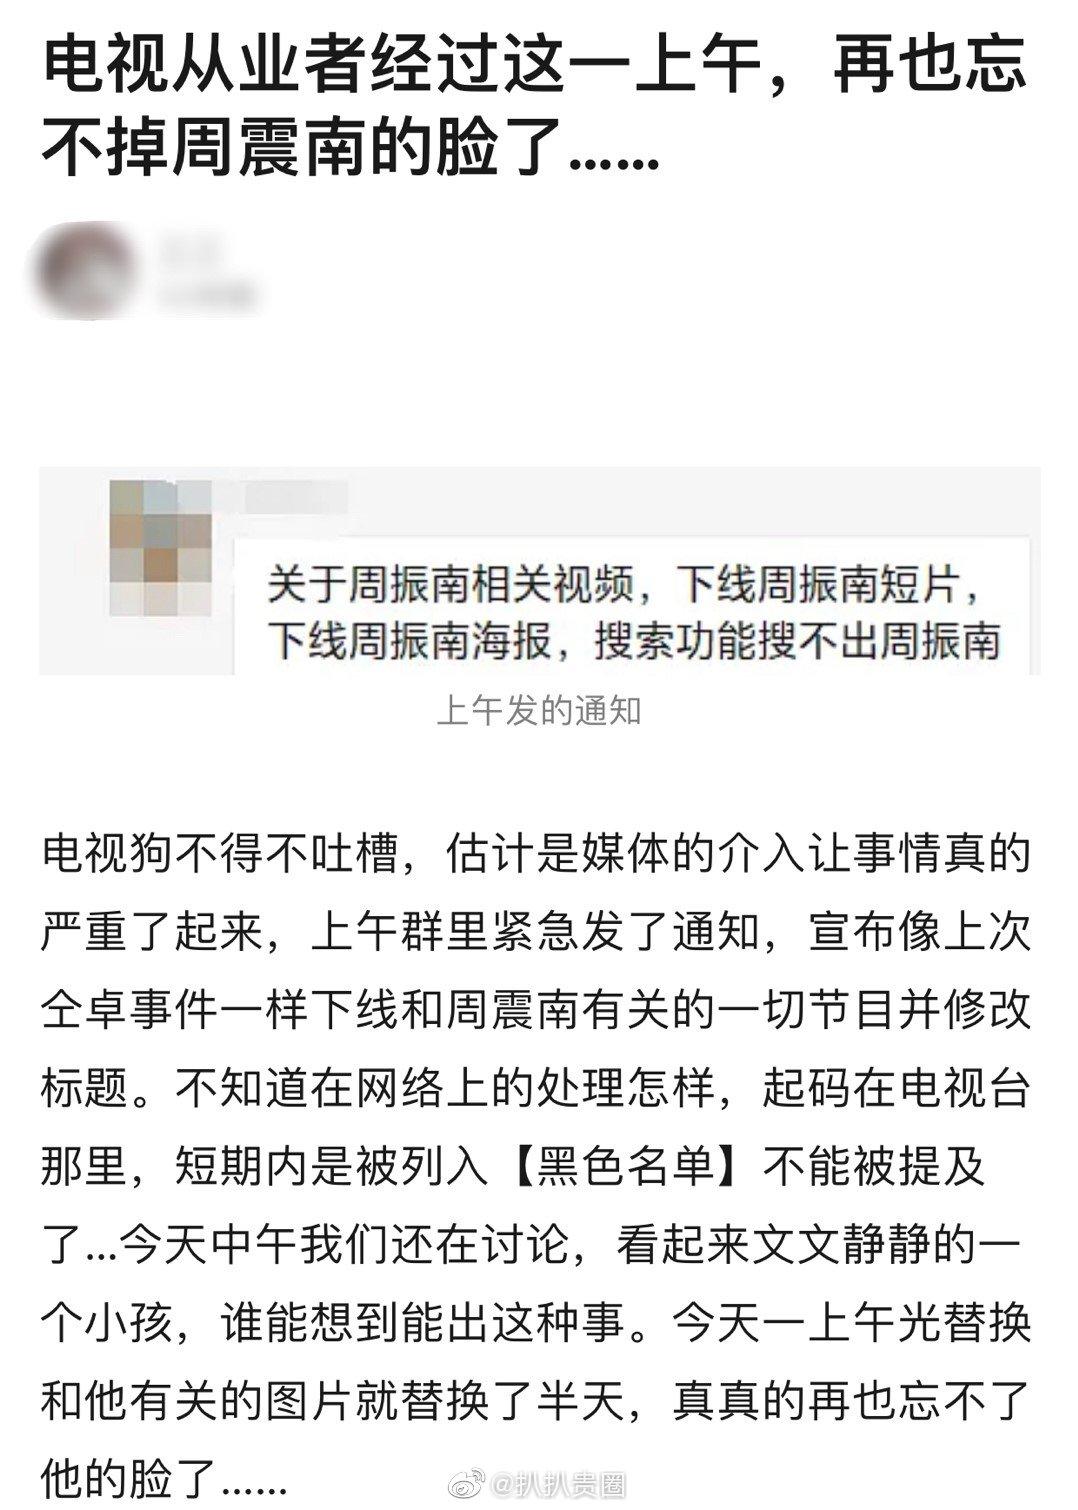 10月30日,有网友爆料称周震南在电视台被列入黑色单了